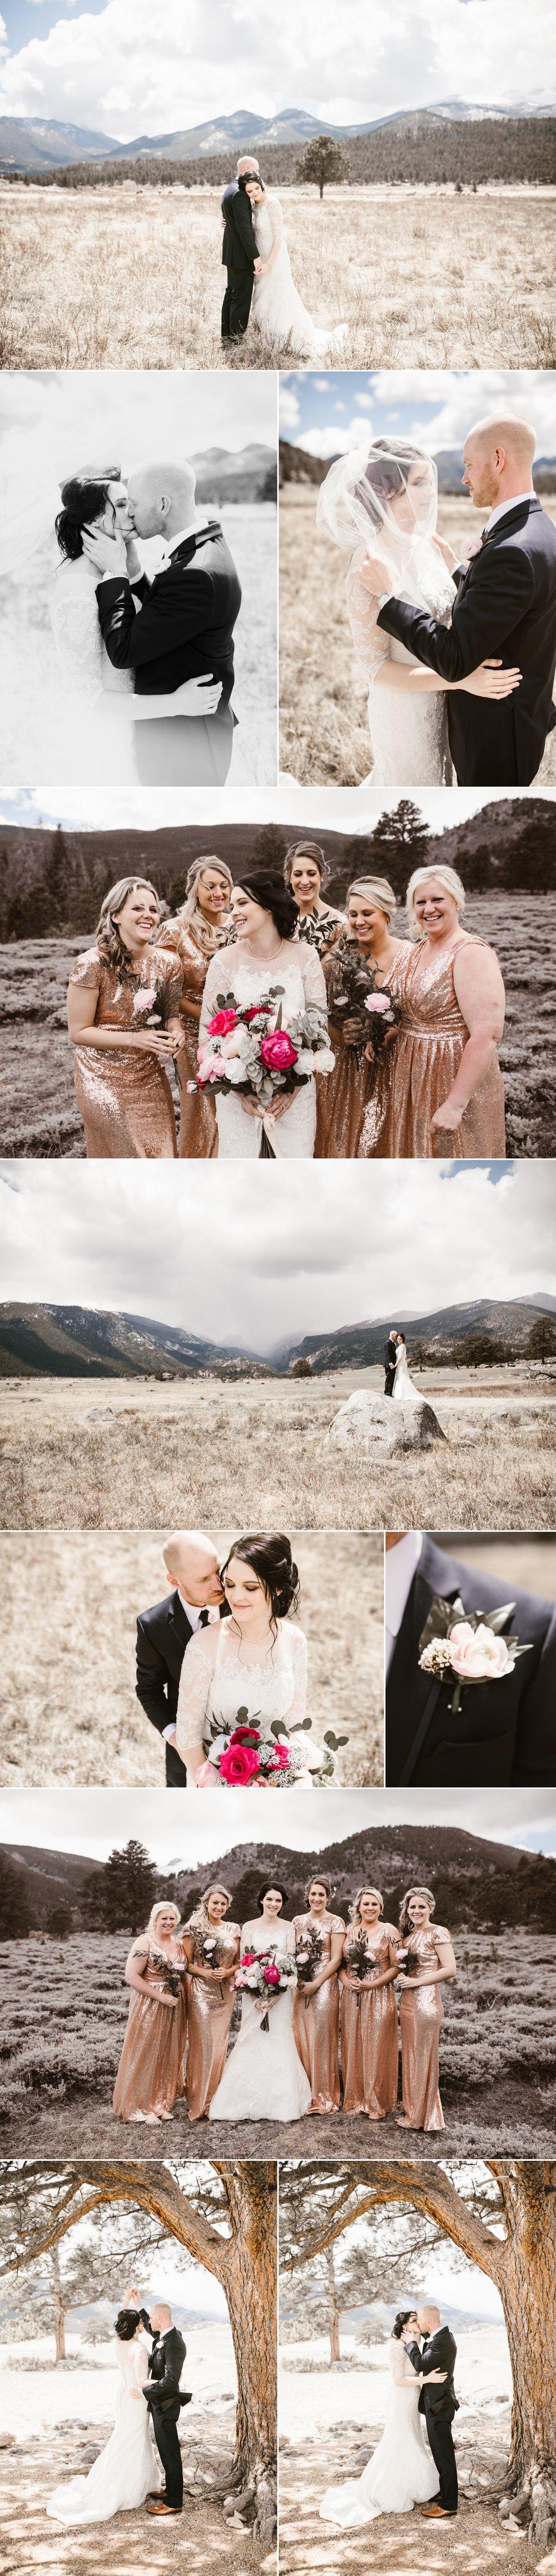 The Huwe Wedding 8.jpg